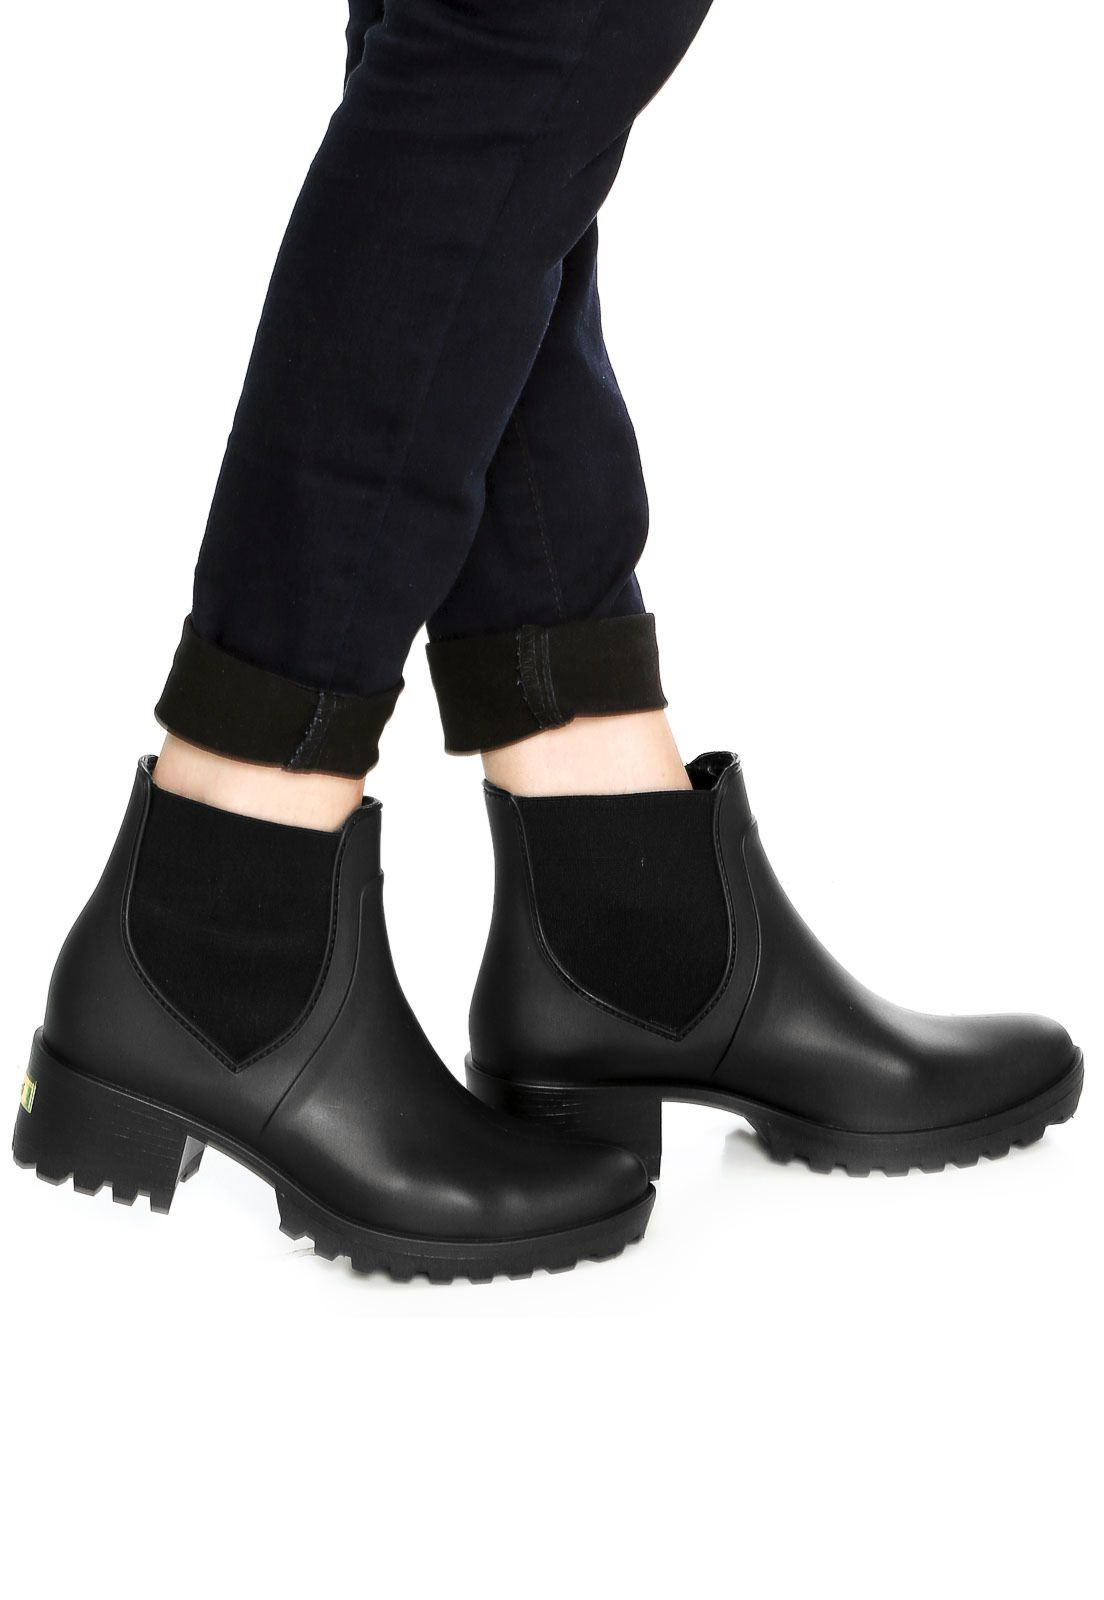 89e2b459c8b89 Bota Chelsea Colcci Tratorada Preta | Sapatos que amo | Colcci ...